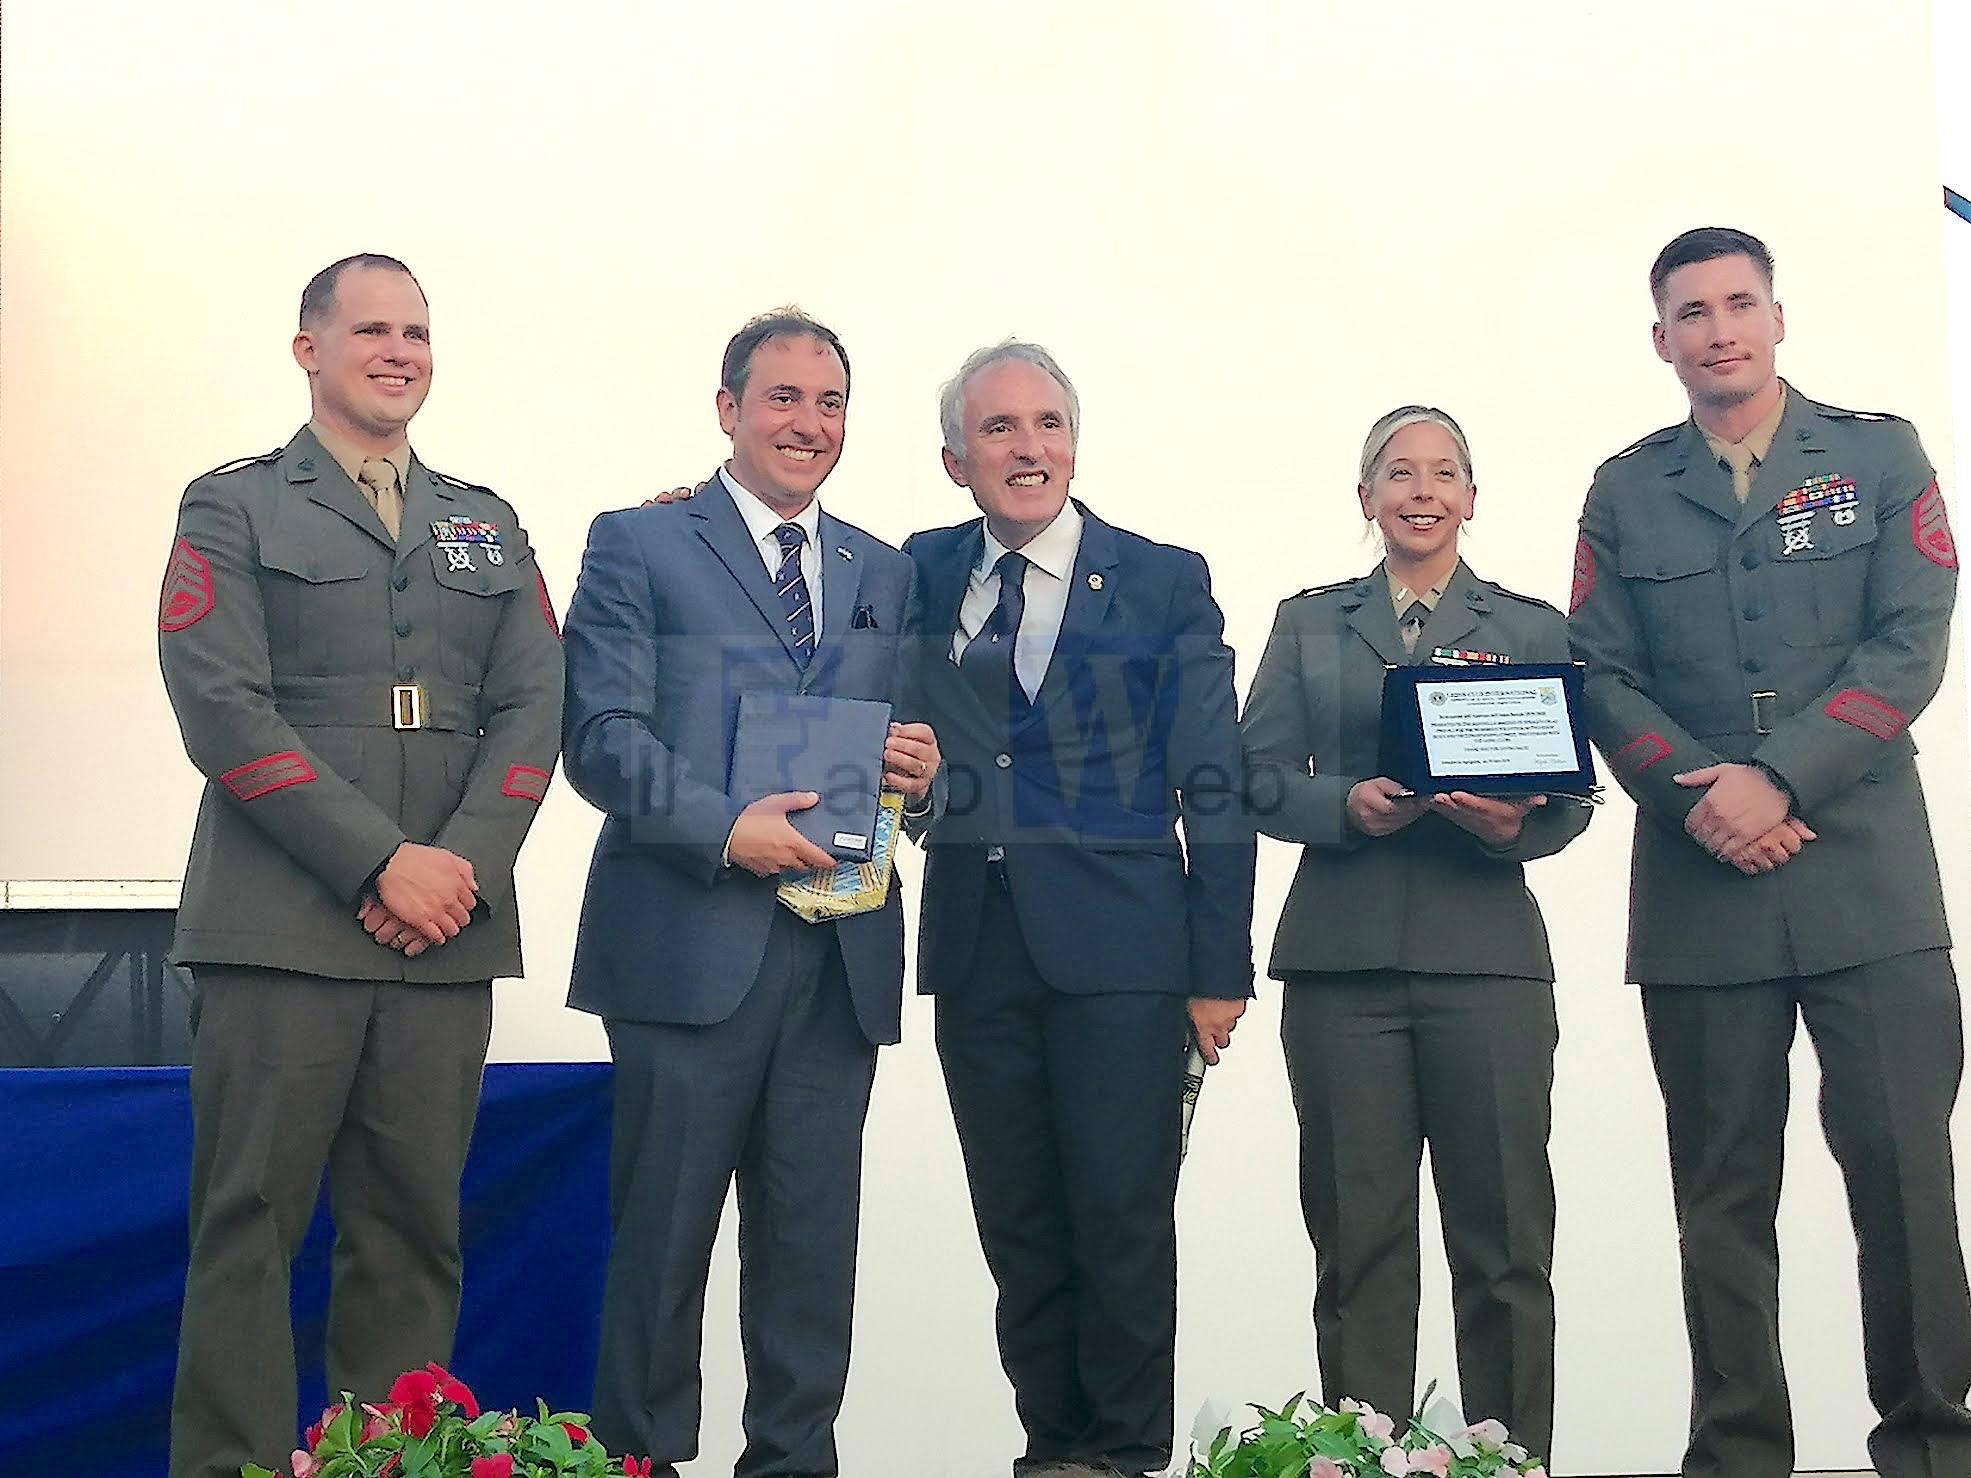 Governatore dei Lions siciliani premia i Marines di Sigonella per l'attività di volontariato civico